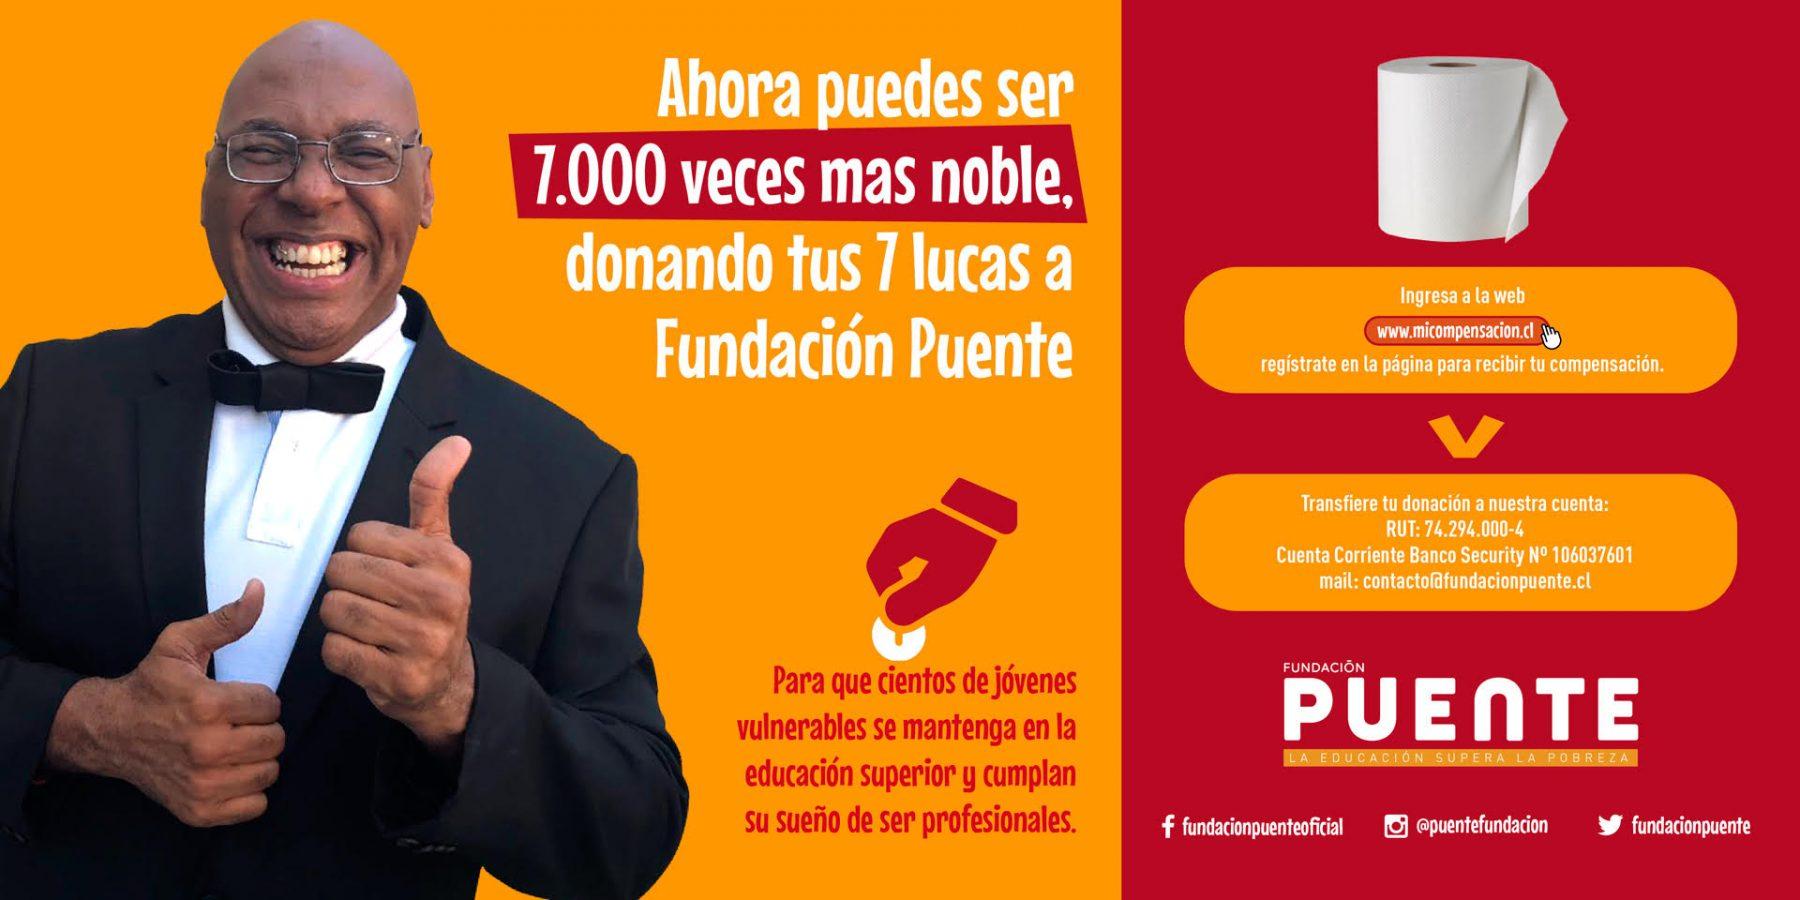 Fundación Puente